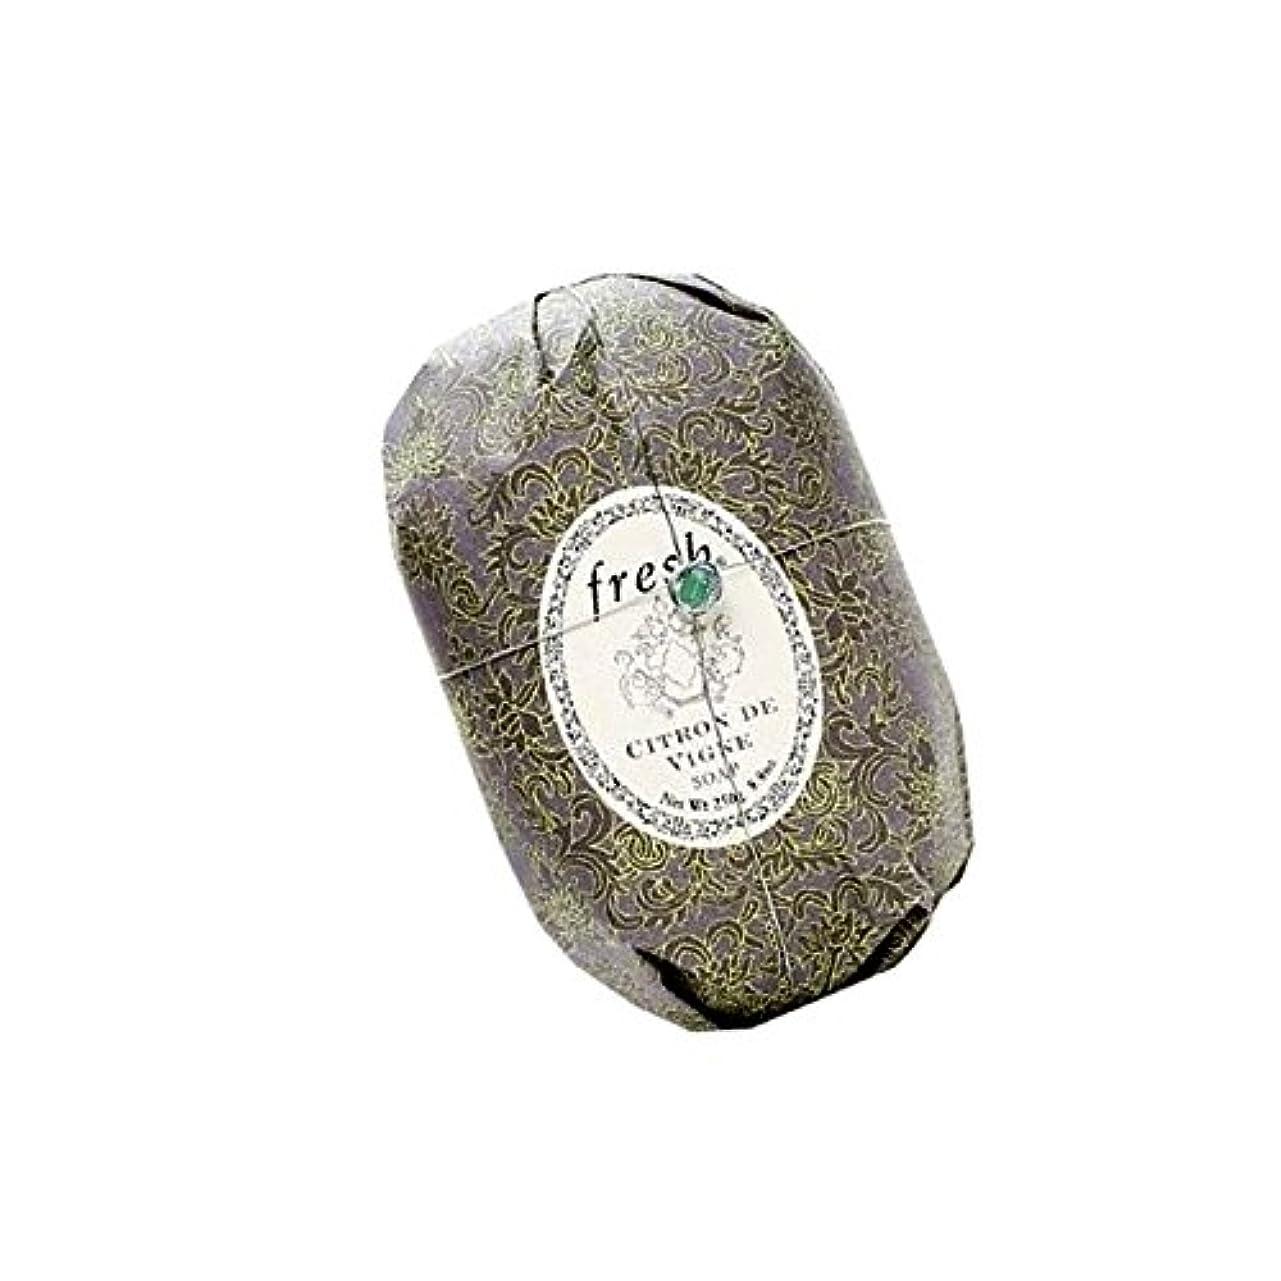 同様に安心させる大学院Fresh フレッシュ Citron de Vigne Soap 石鹸, 250g/8.8oz. [海外直送品] [並行輸入品]